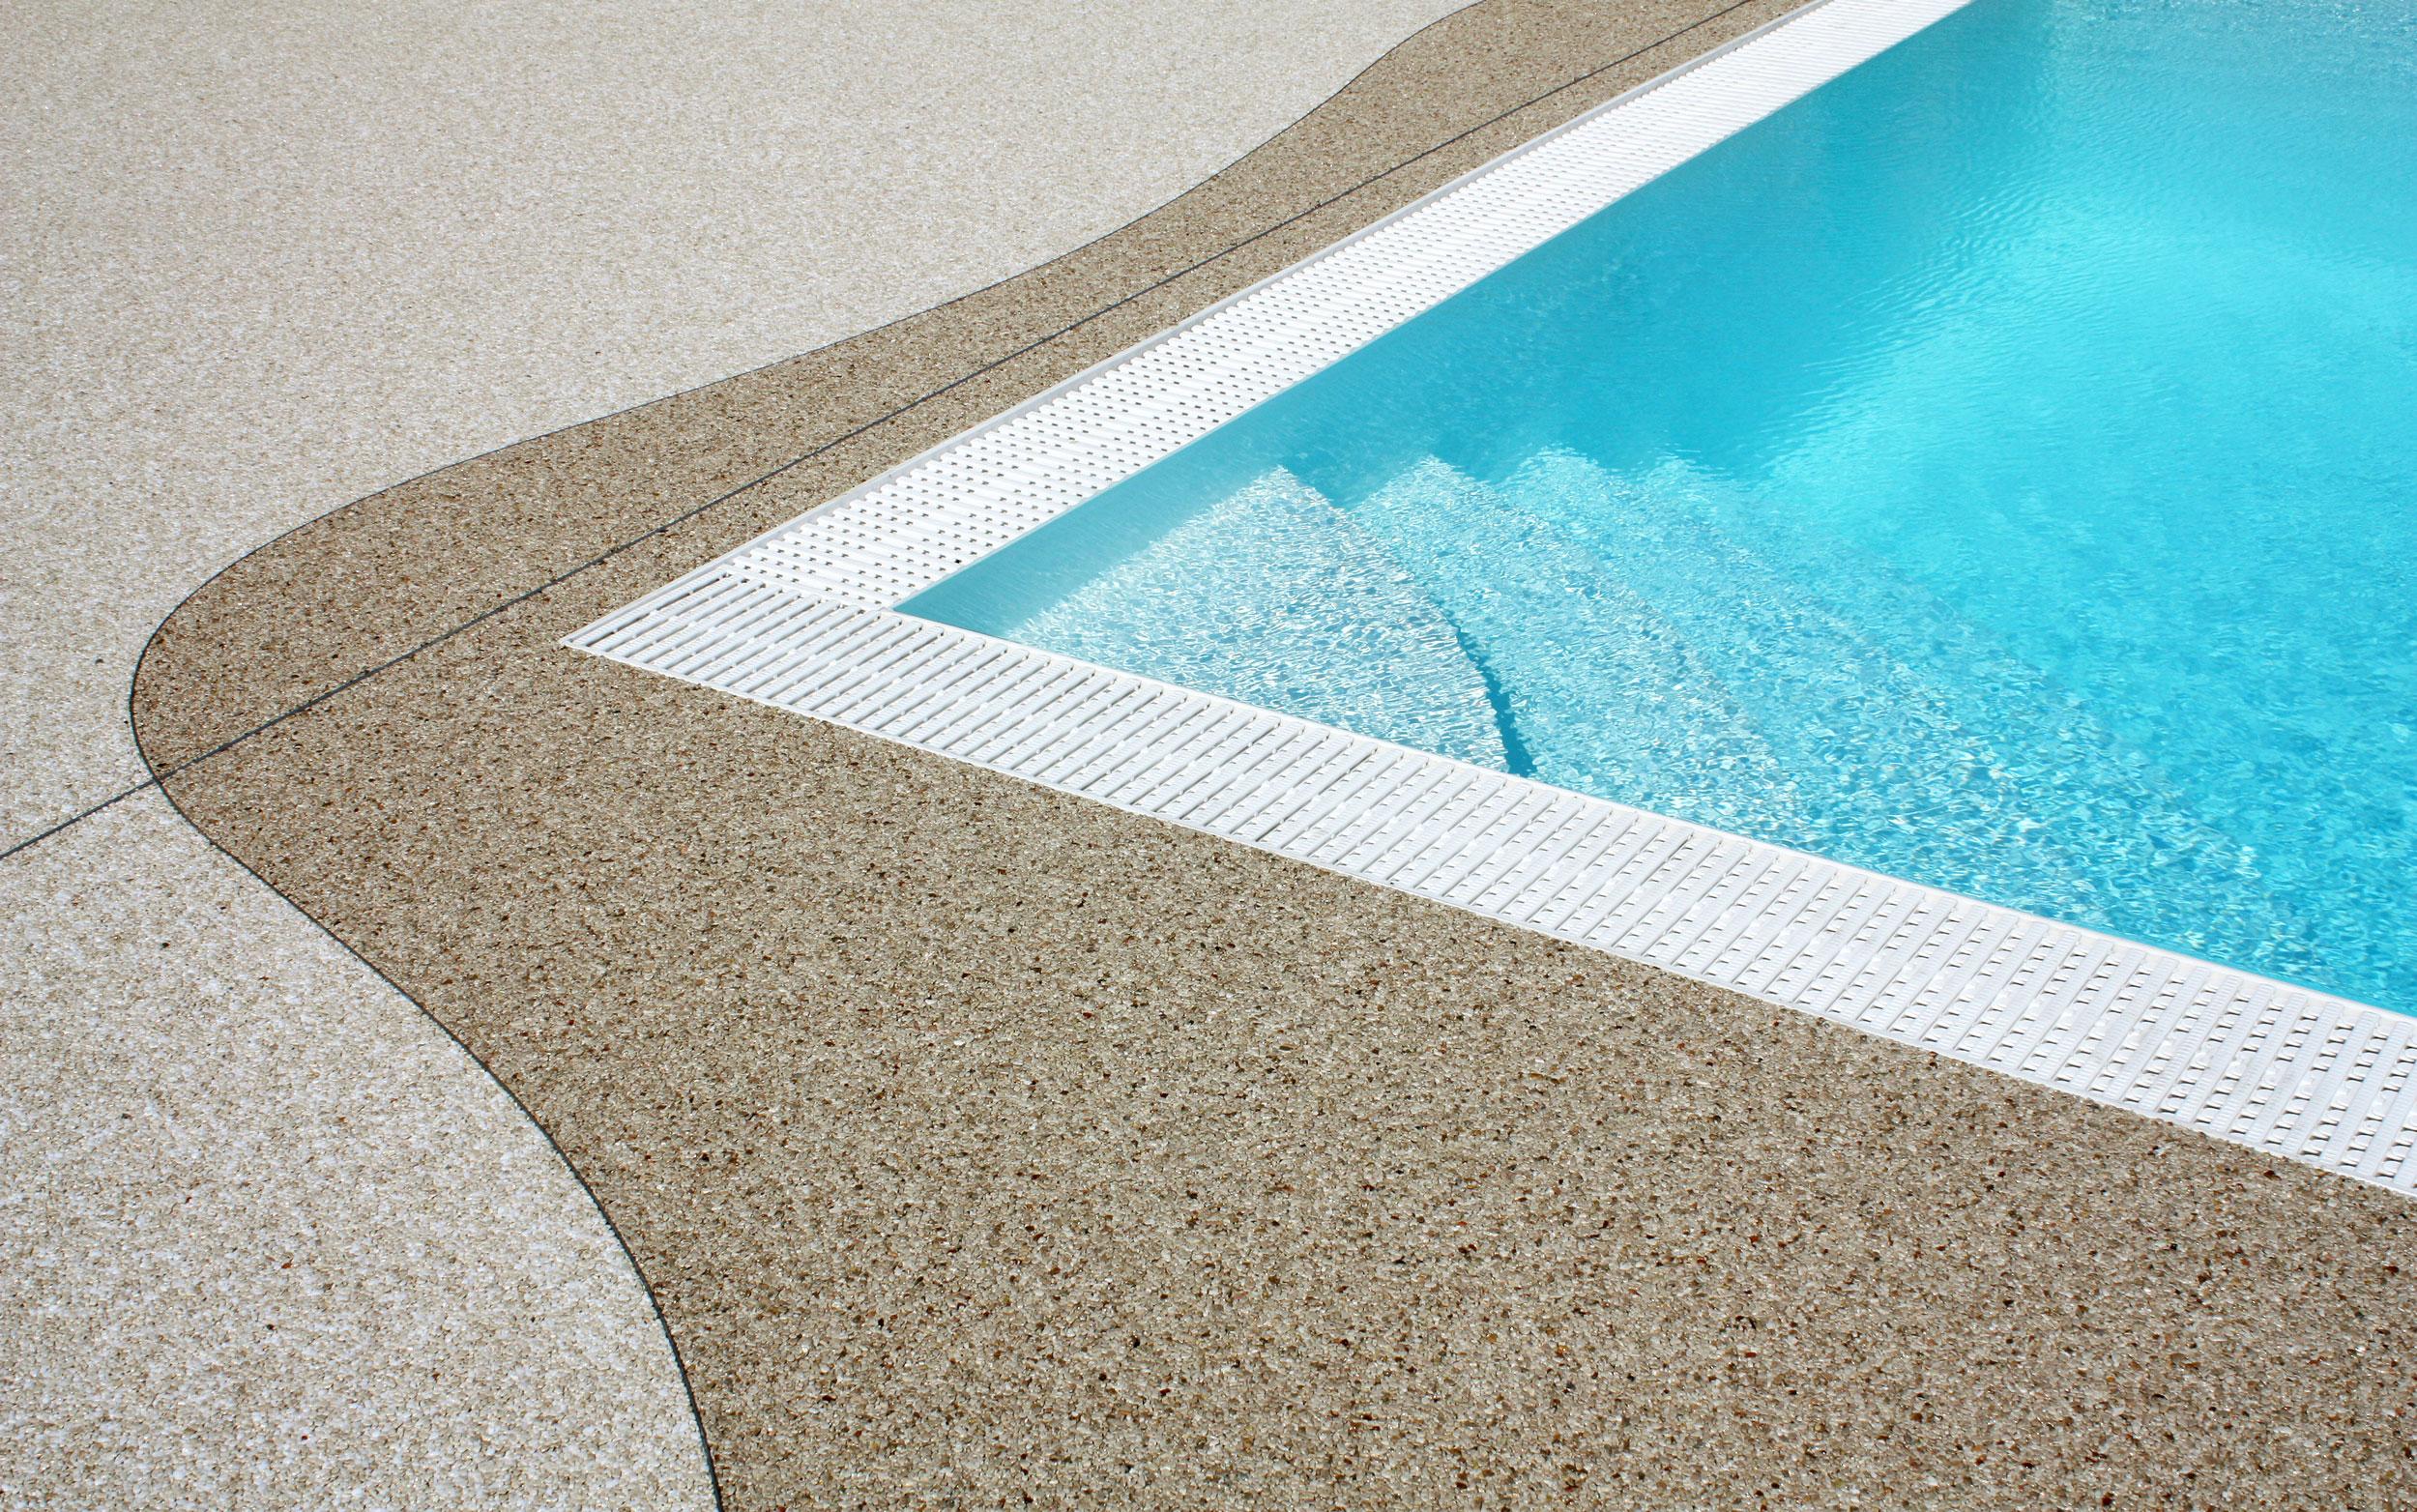 Ein dunkelbeiger Natursteinteppich umrandet mit geschwungener Linie ein Pool mit überlaufrinne. Der restliche Bereich wurde in einem hellern Farbeton verlegt